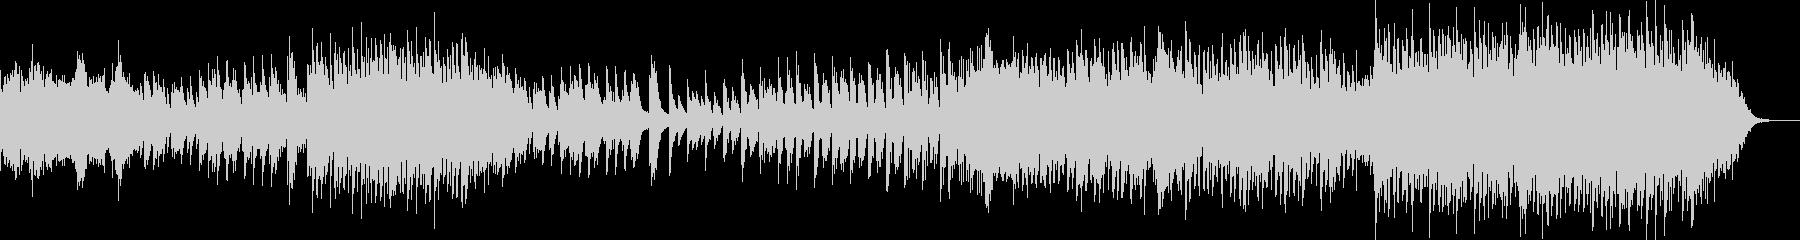 ほんのり和風なピアノポップバラードの未再生の波形